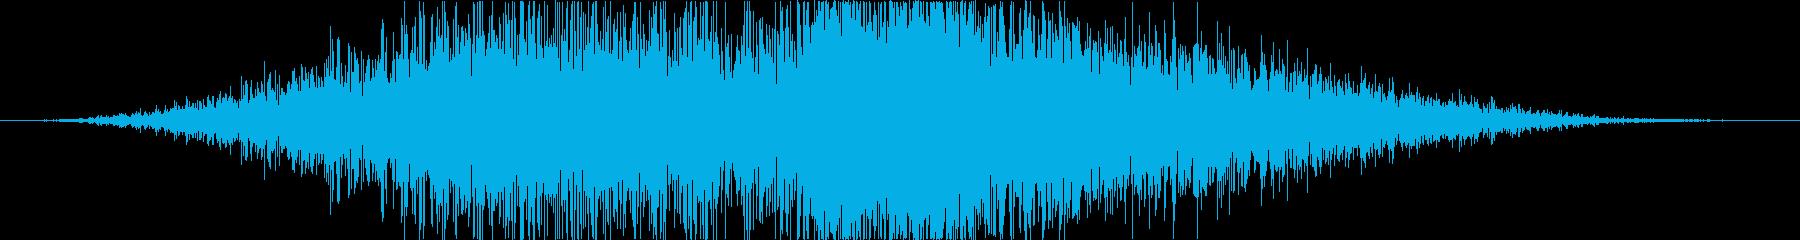 遠くでシャッターが勢いよく閉まる音の再生済みの波形